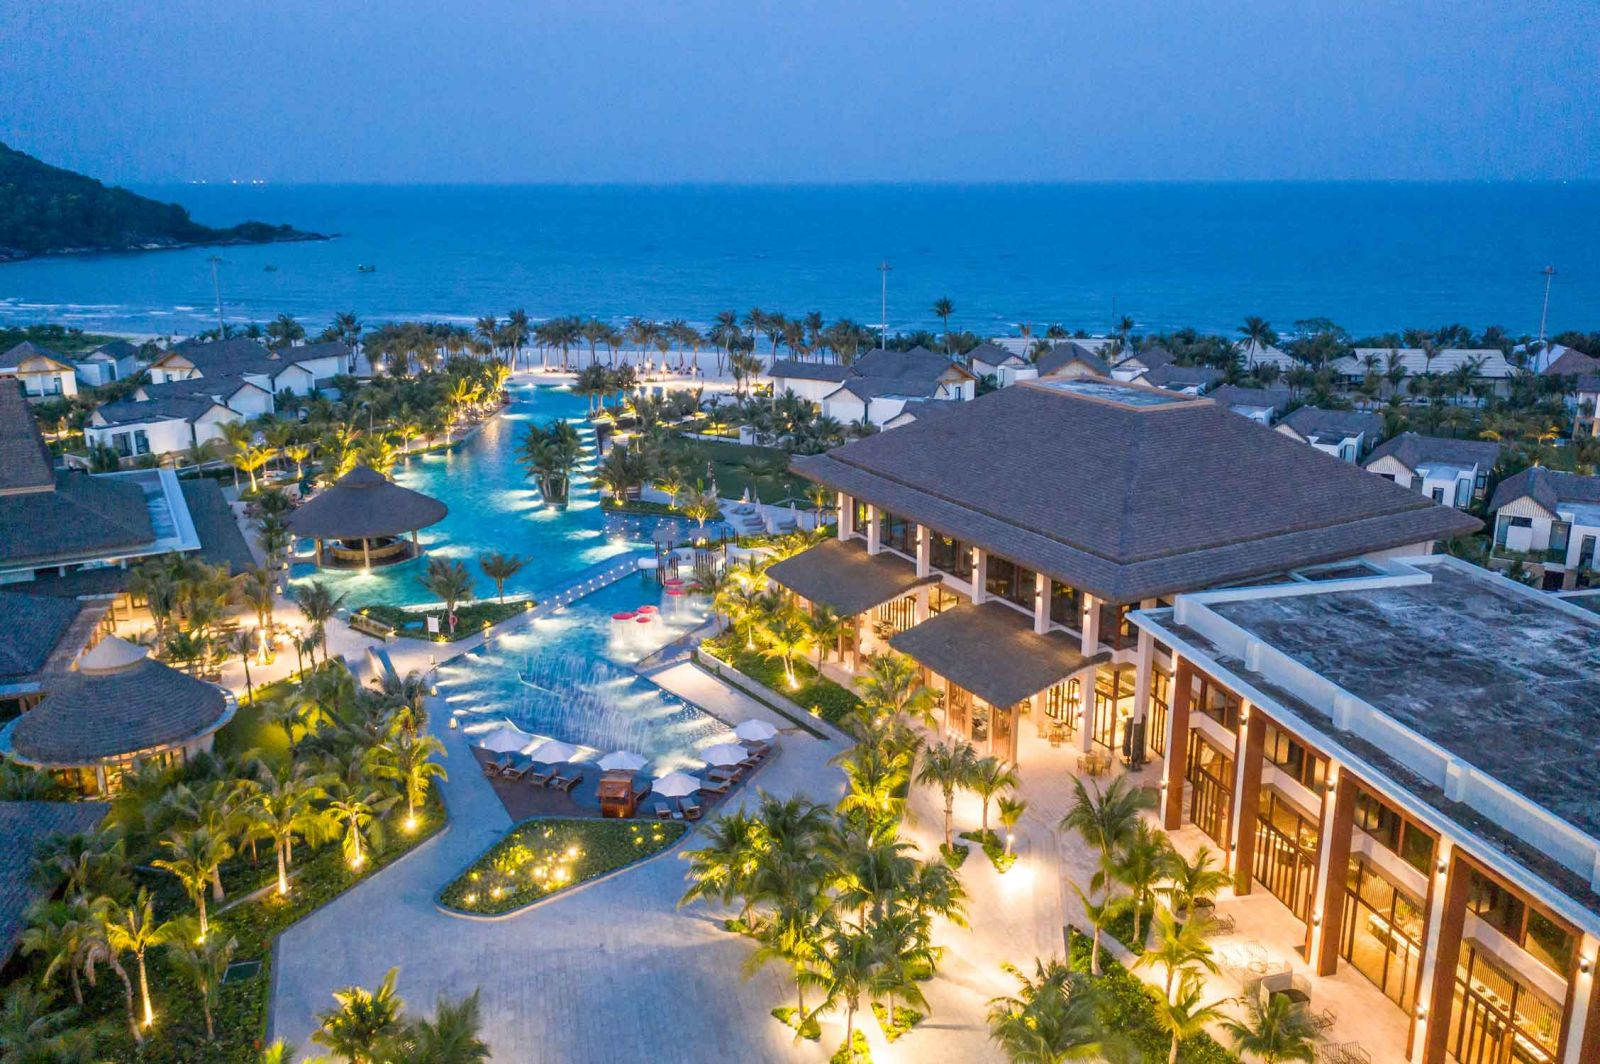 Khu nghỉ dưỡng New World Phu Quoc Resort của Sun Group tại Nam đảo